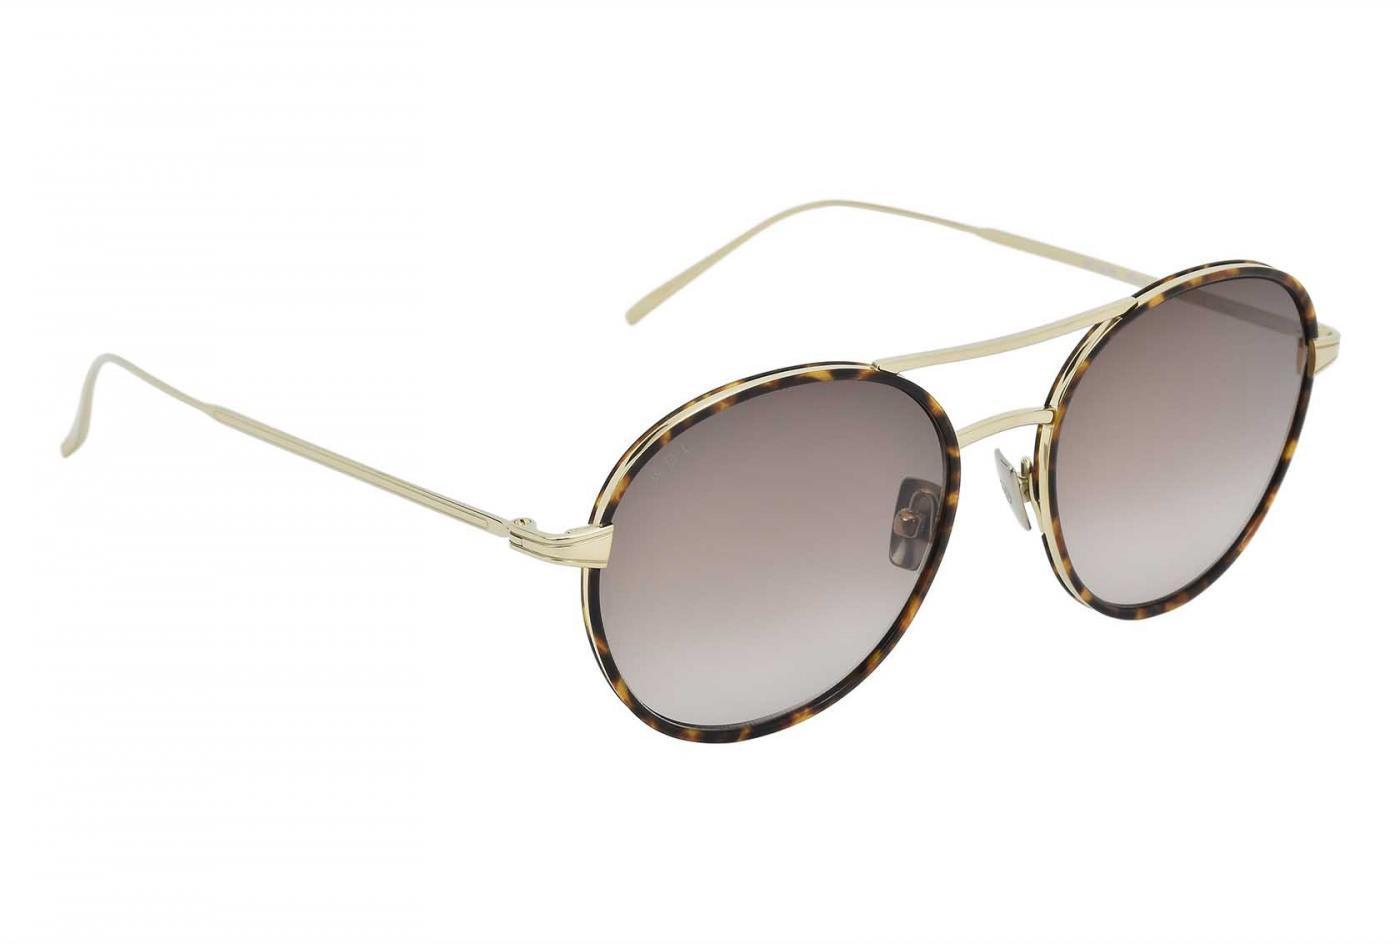 kbl eyewear – Kbl triumph - triumph- st951 størrelse 53 fra brodersen + kobborg